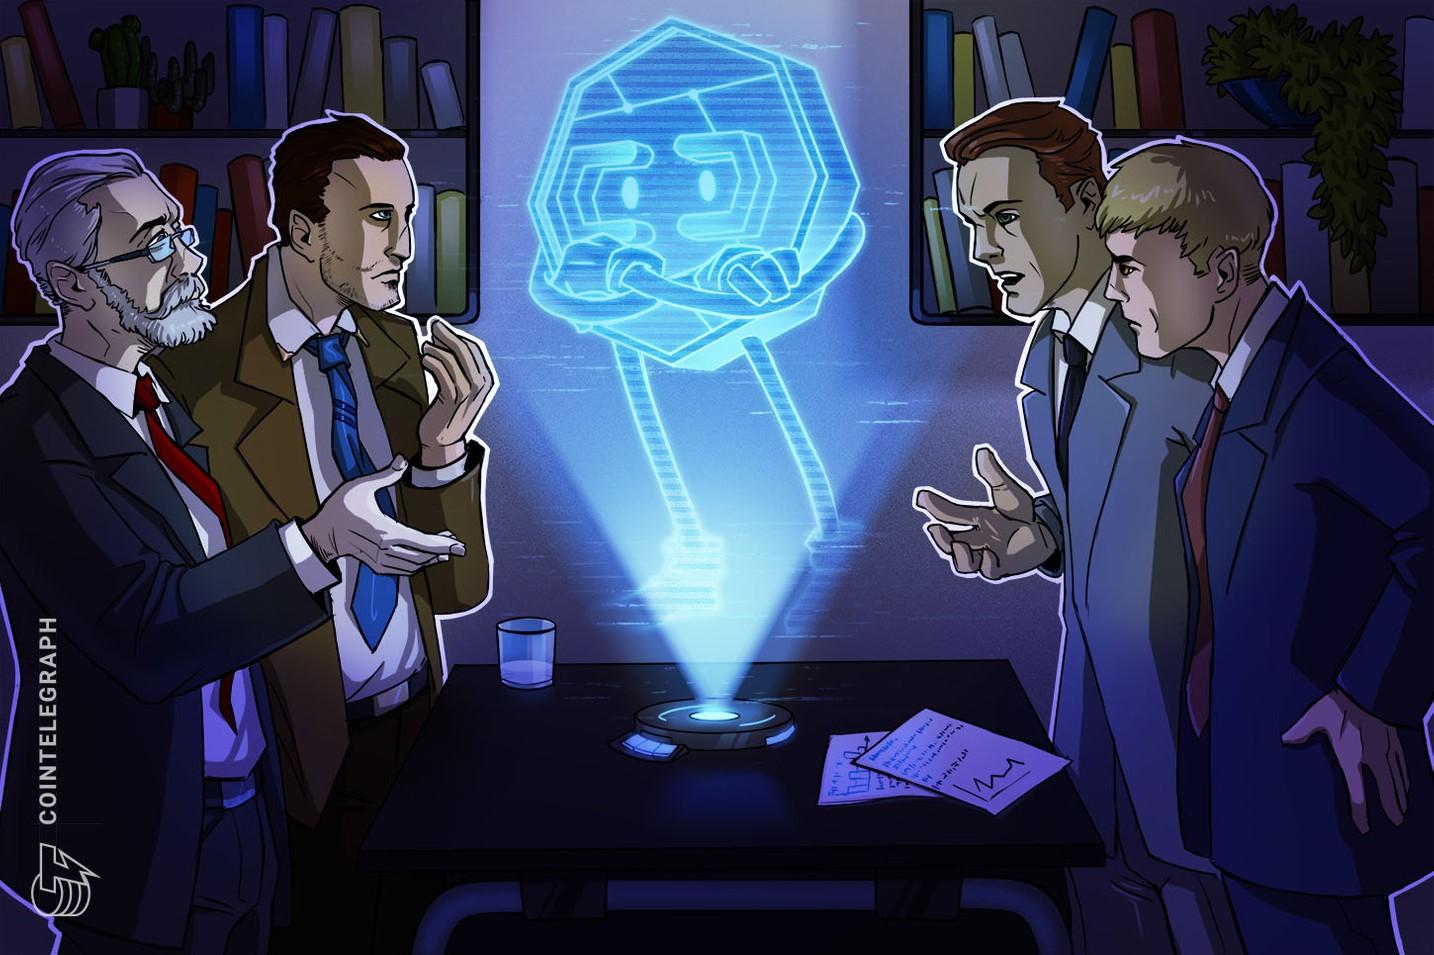 اظهارات توموسوف در مورد رمز ارز ها: بانک مرکزی روسیه در مورد رمز ارزها تفکر کوته بینانه ای دارد